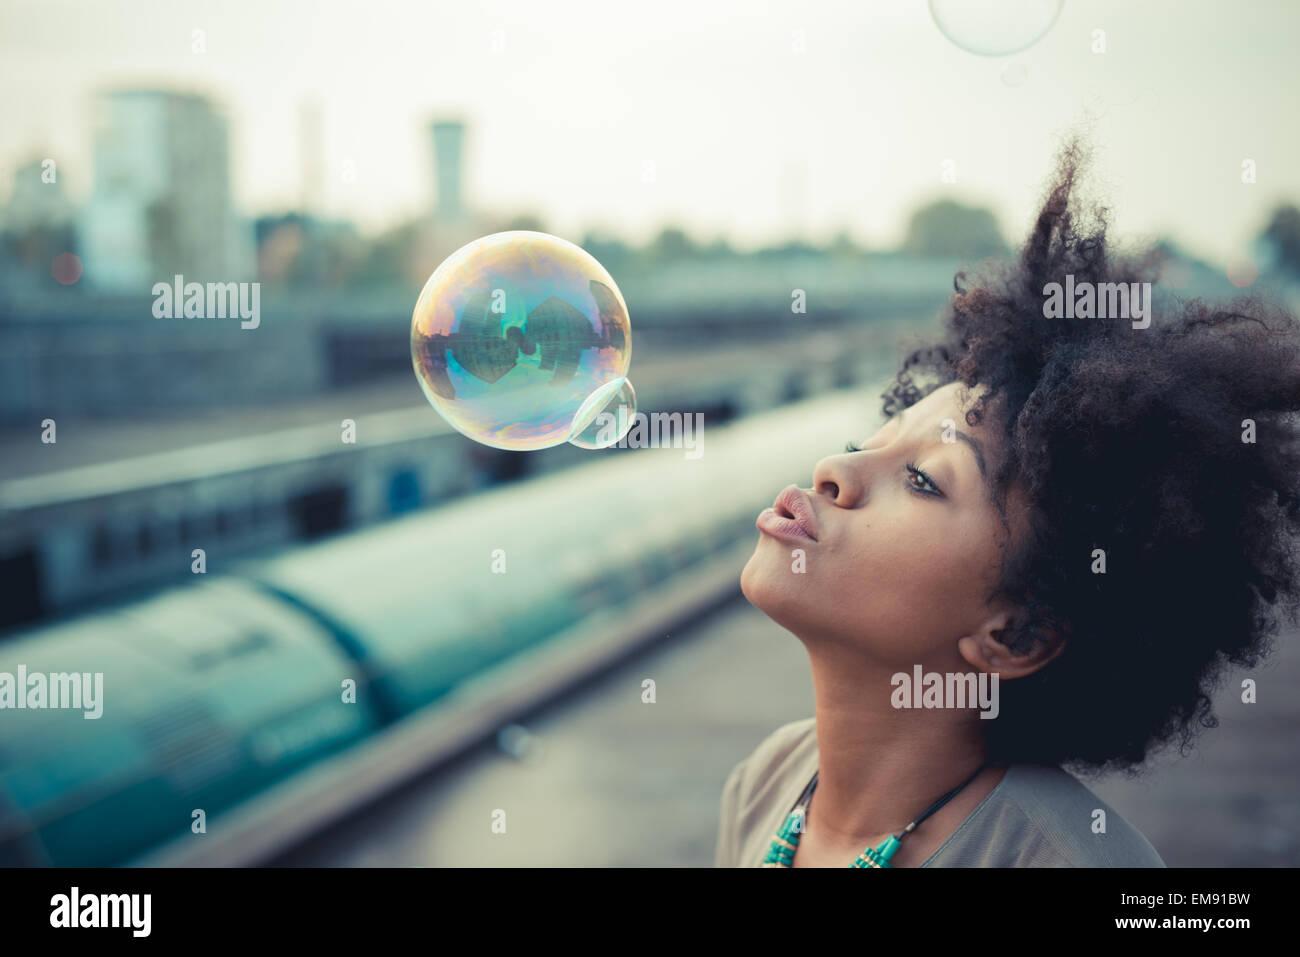 Mujer joven soplando burbujas en la zona industrial de la ciudad Imagen De Stock